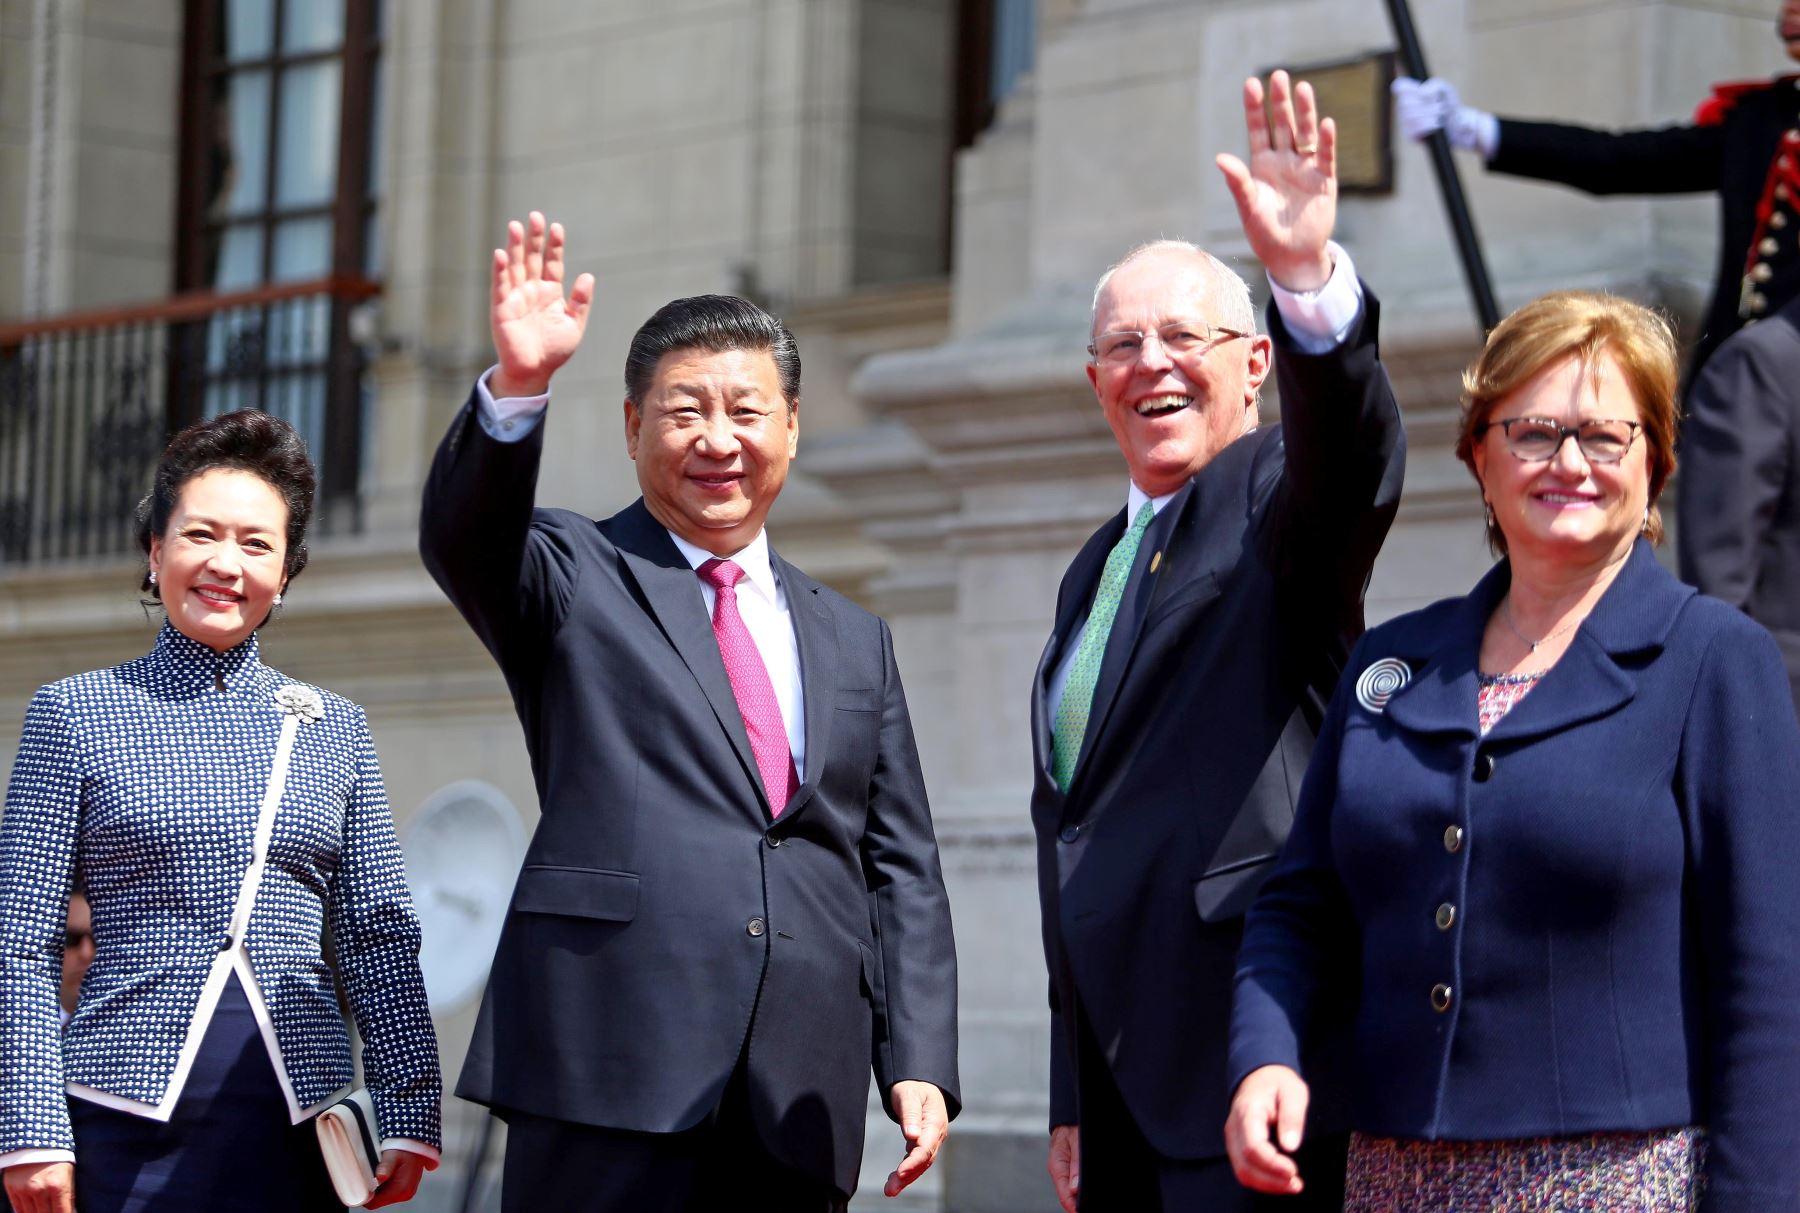 Ceremonia de bienvenida al presidente de China, Xi Jinping, en el Patio de Honor de Palacio de Gobierno Foto: ANDINA/ Prensa Presidencia